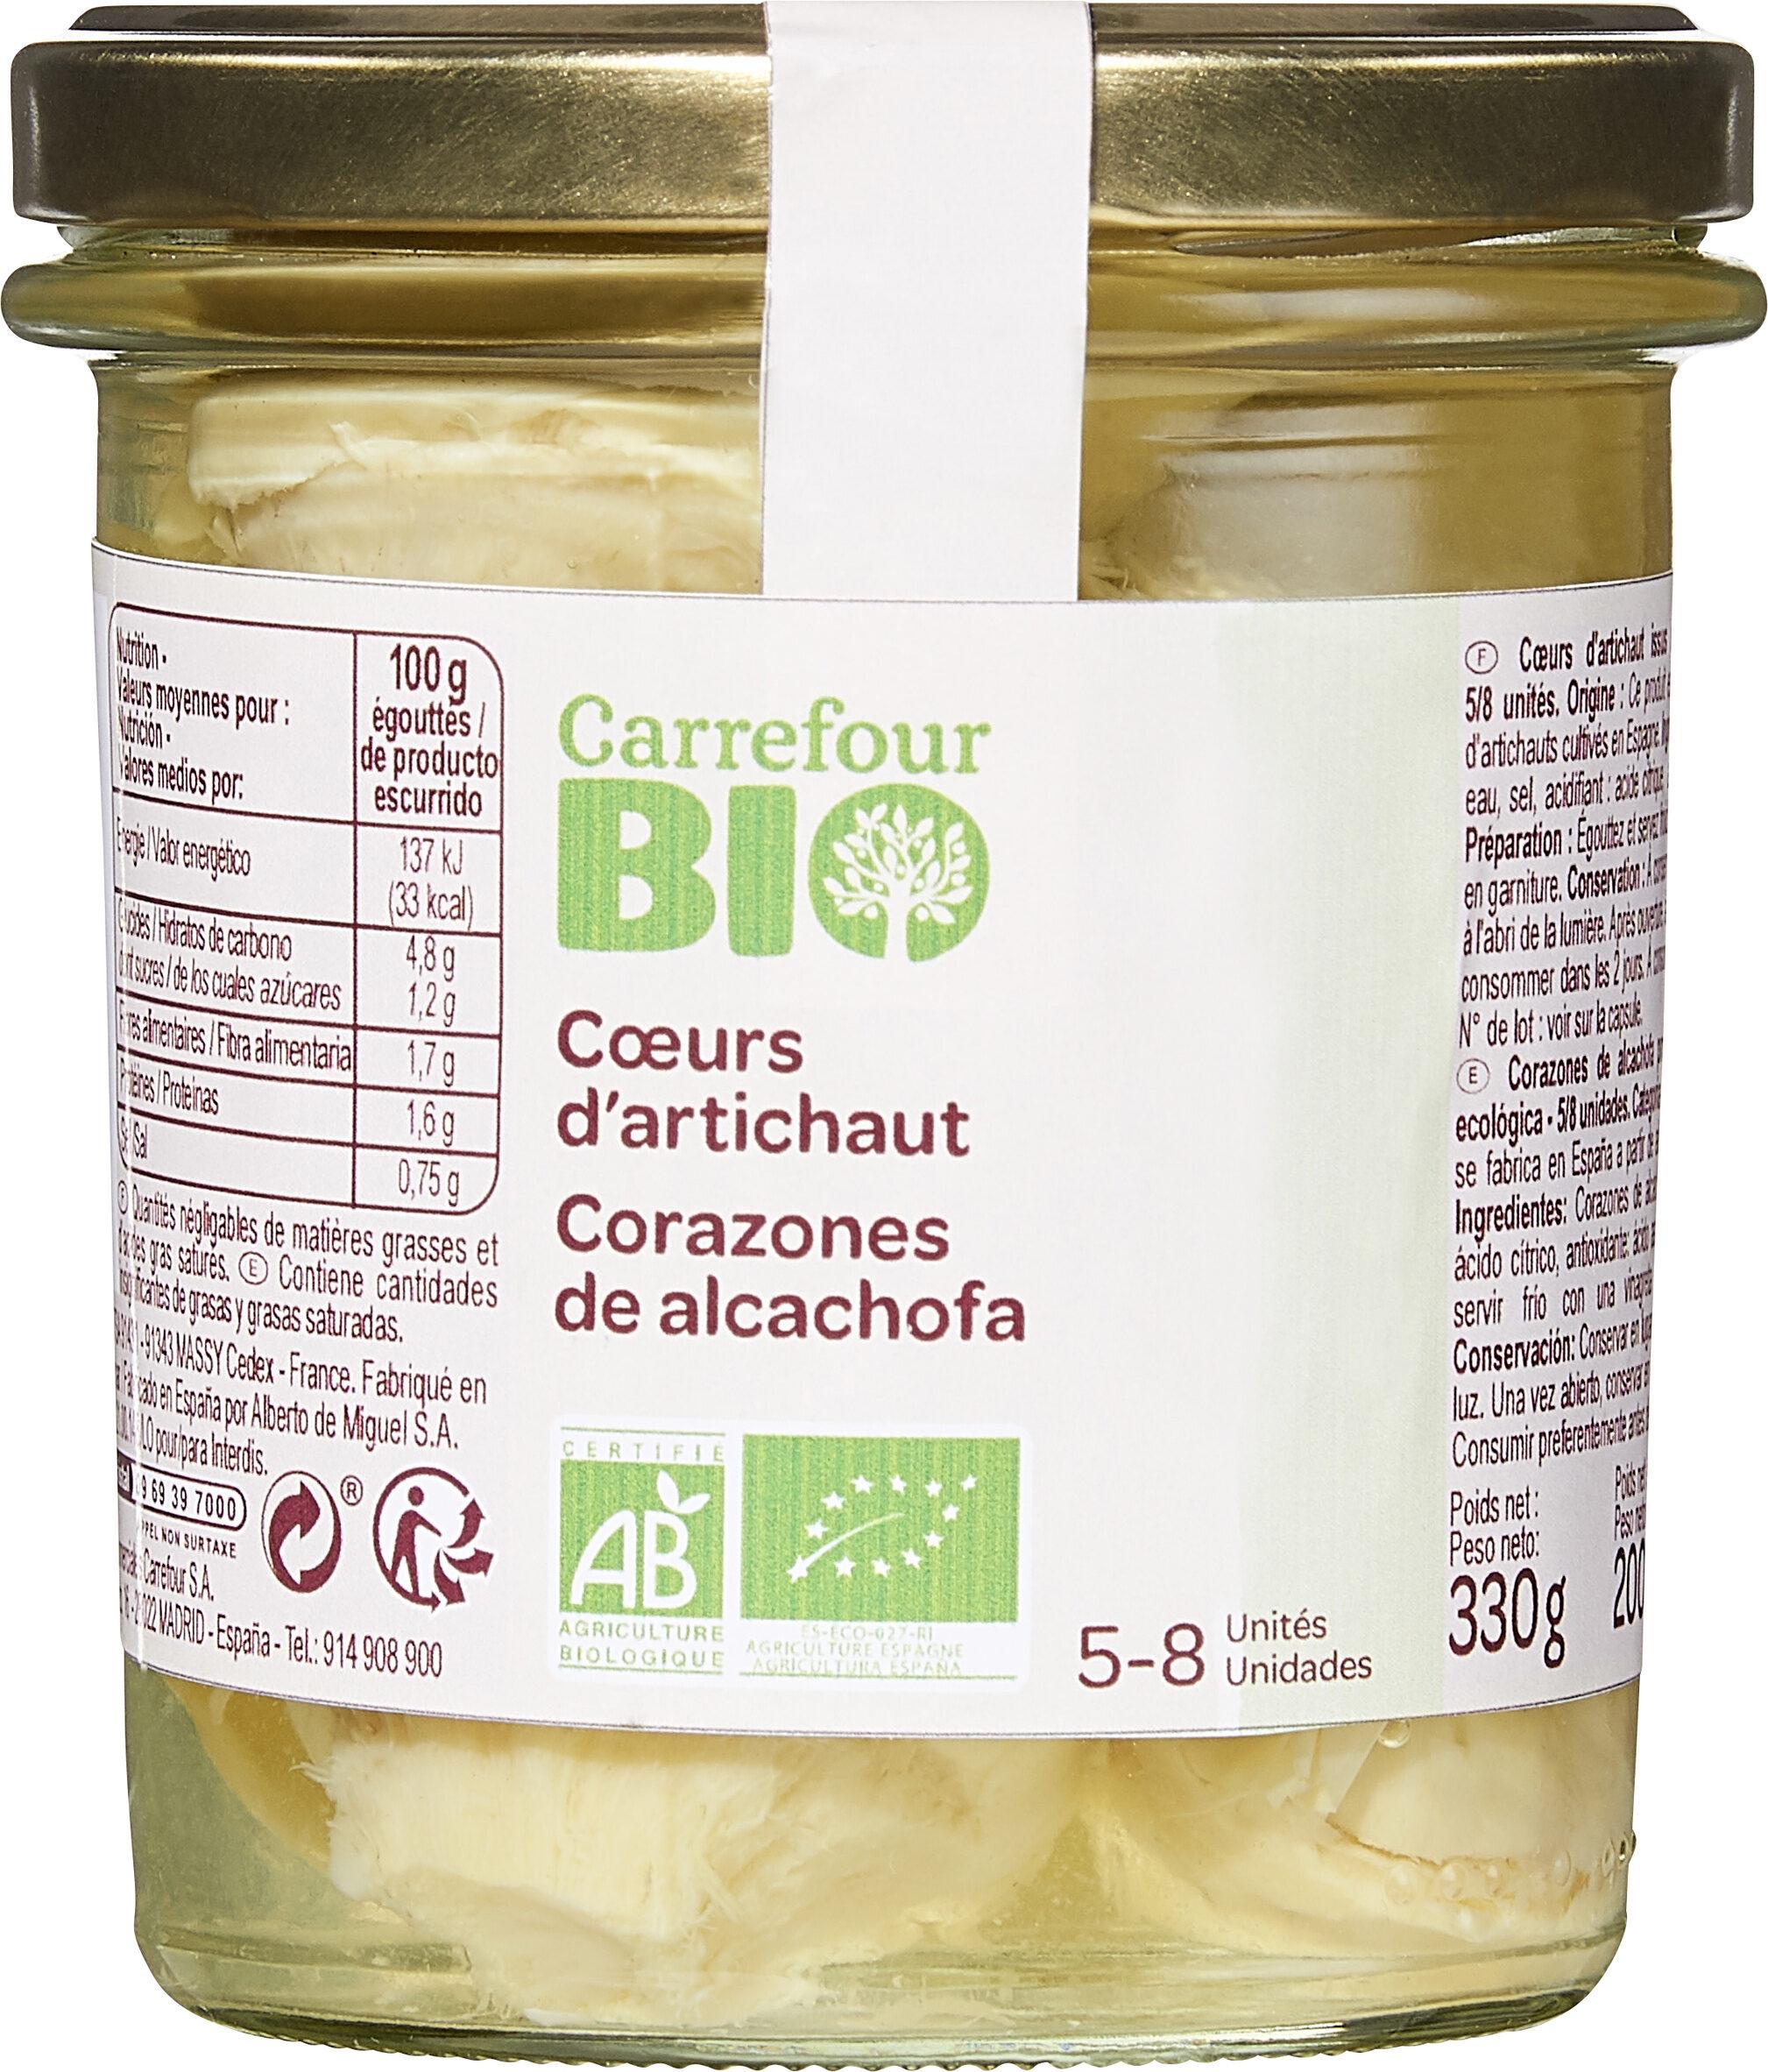 Coeur d'artichaut - Product - fr